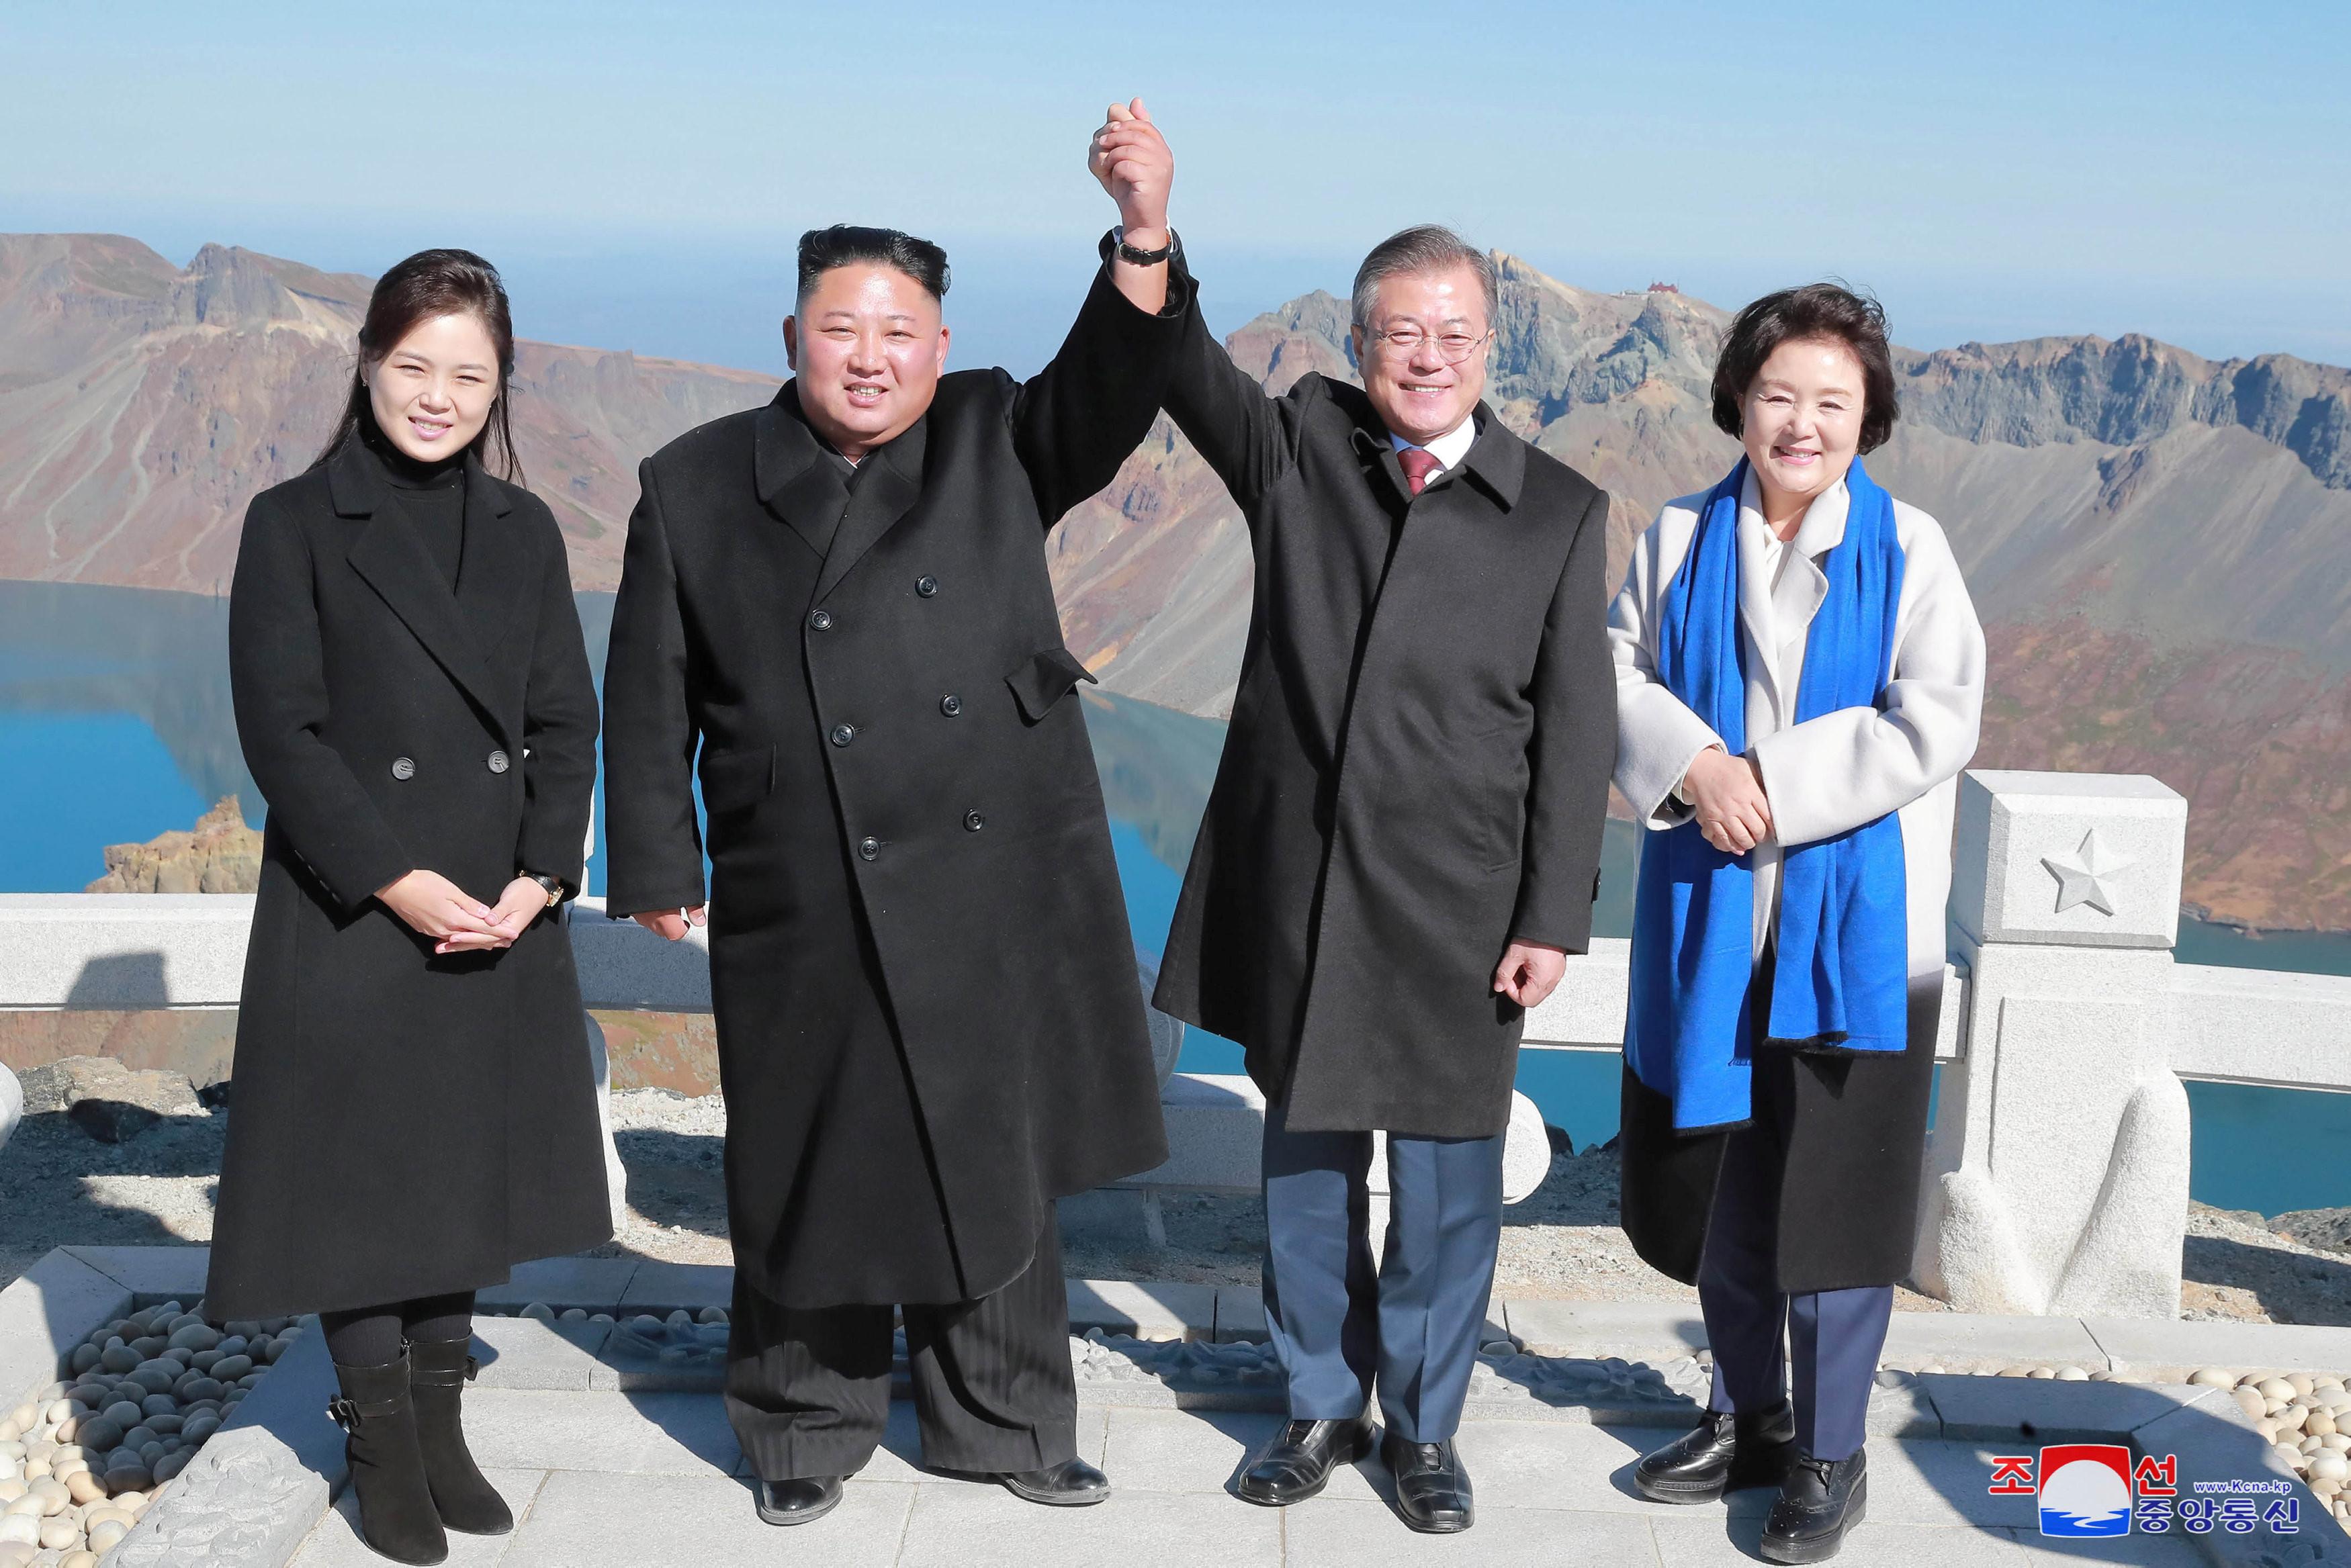 Lãnh đạo Kim học 'bắn tim' cùng Tổng thống Moon trên đỉnh núi Ảnh 1